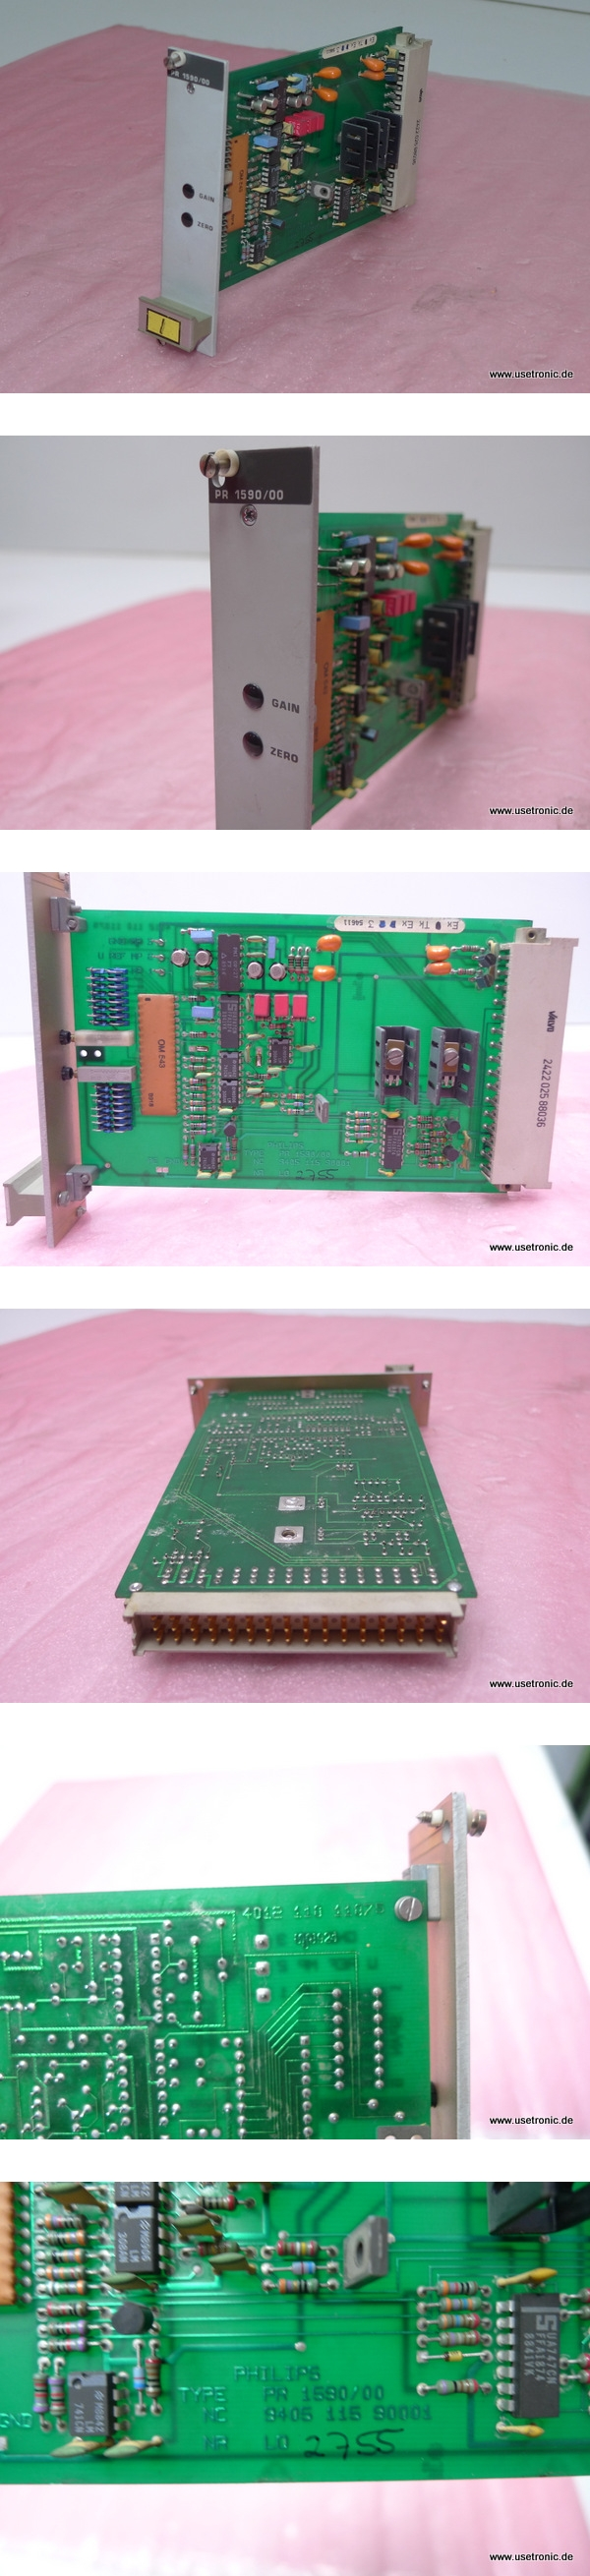 Einbaukarte Philips PR-1590/00 Prozessmodul 9405-115-90001